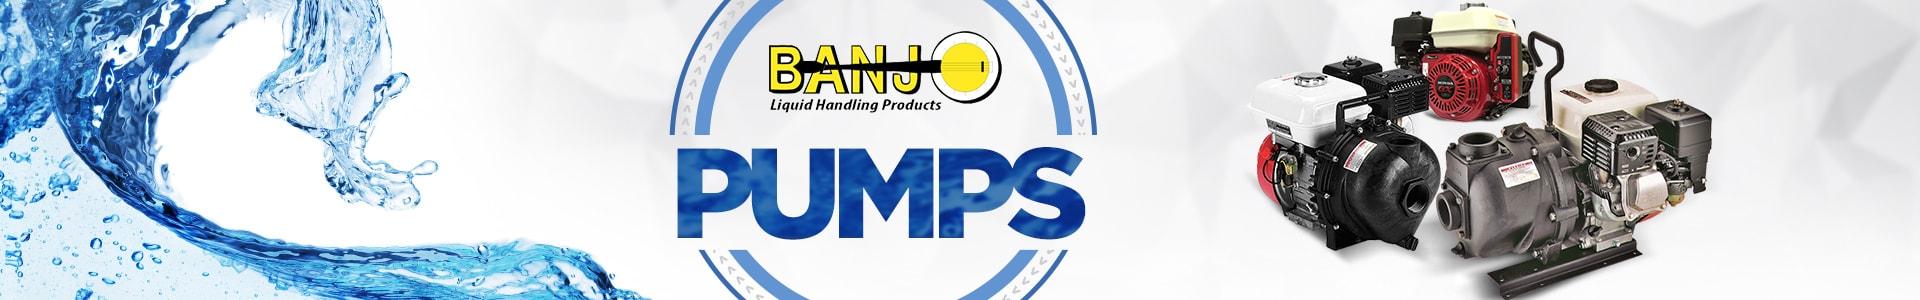 banjo pumps